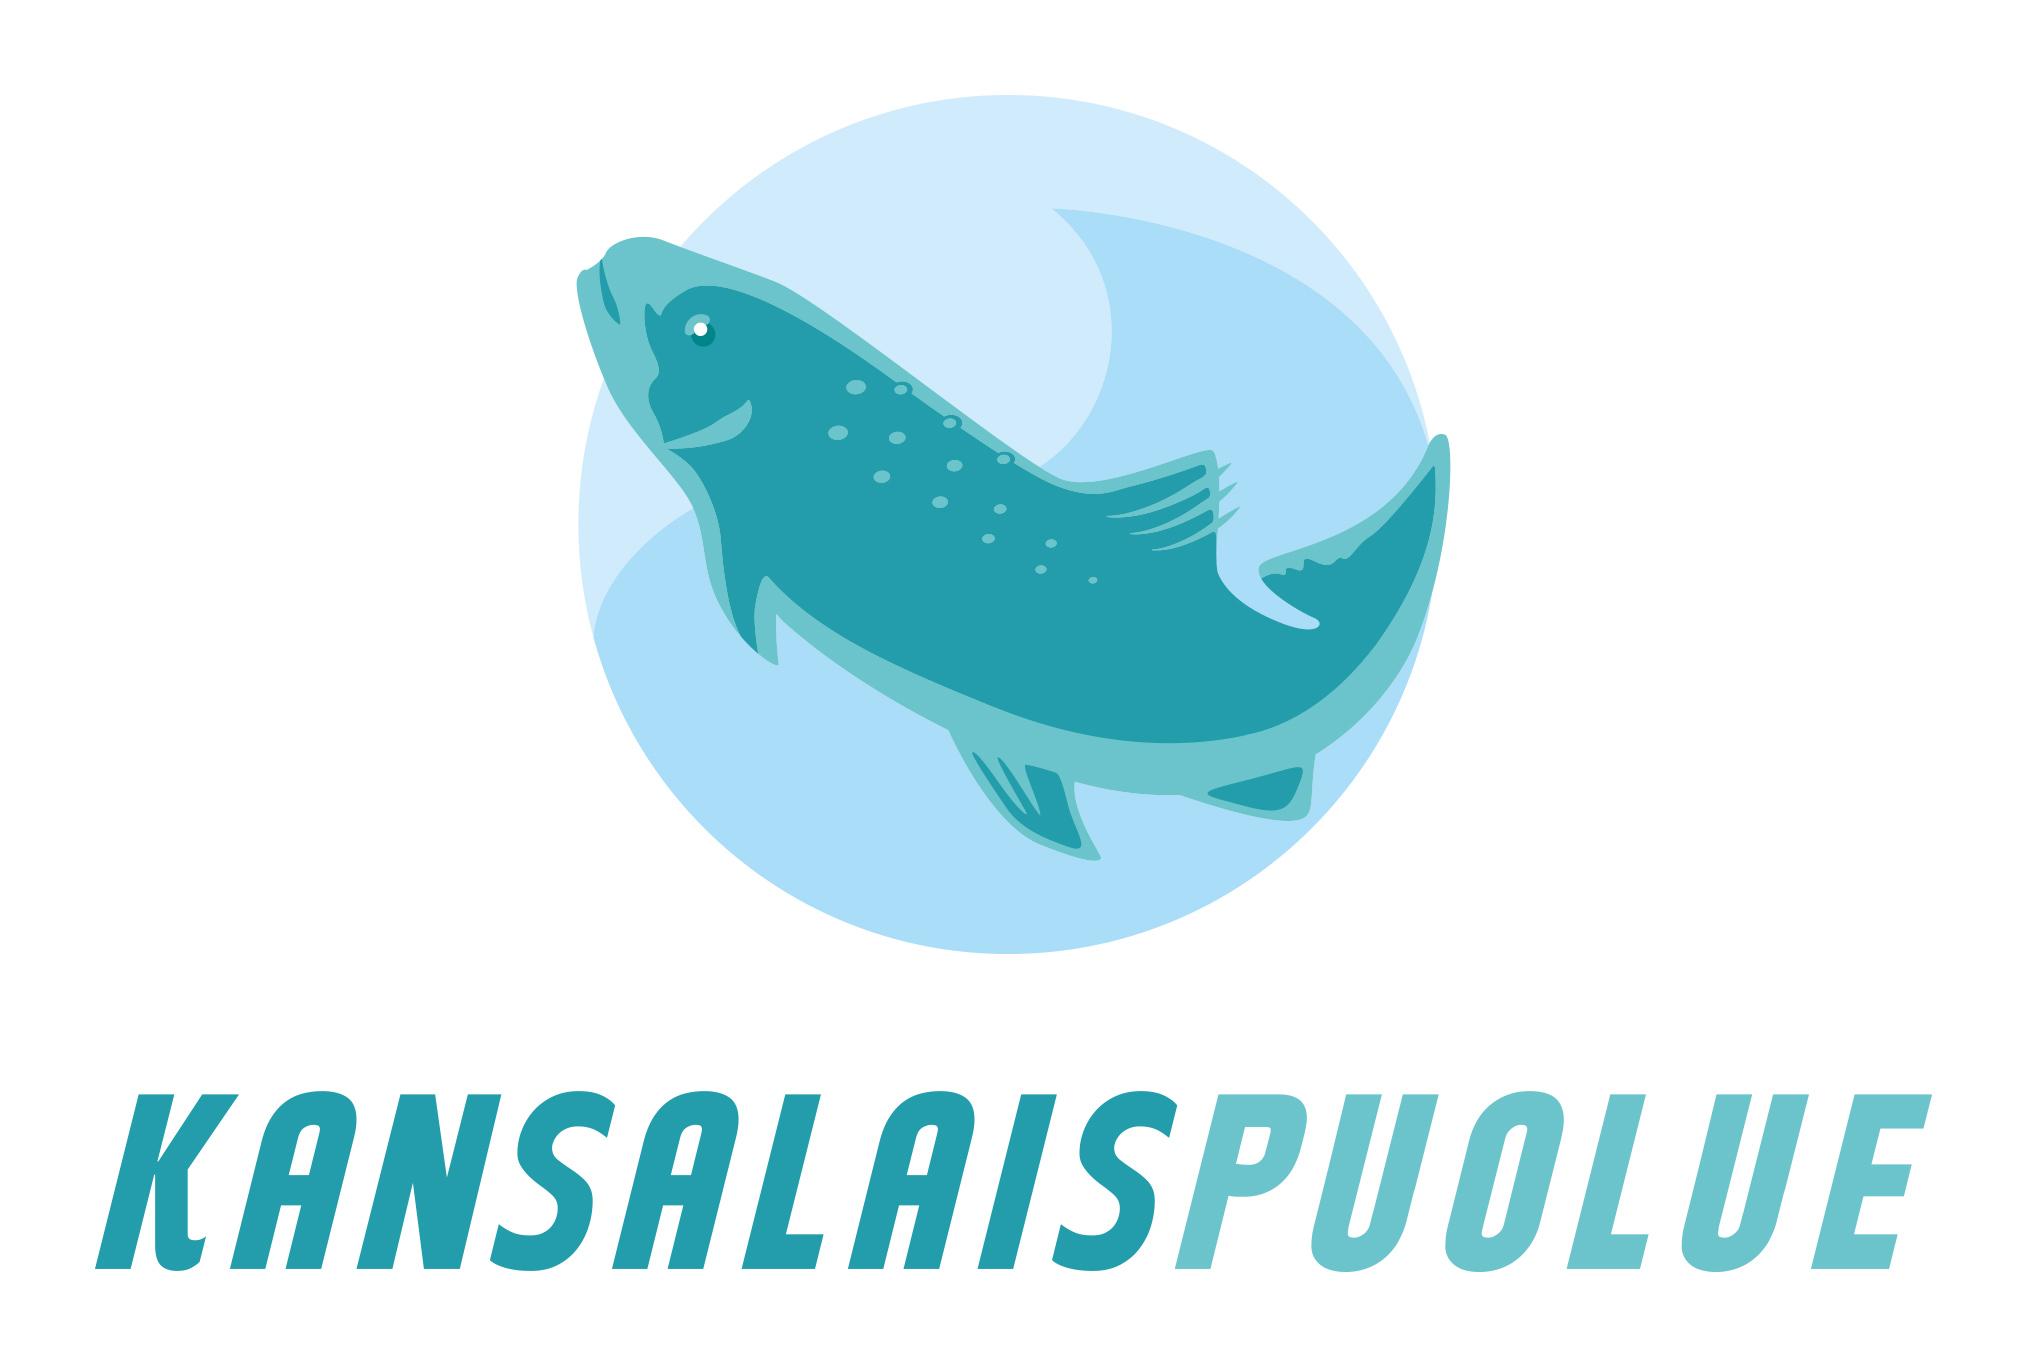 Kansalaispuolue_logo_pysty